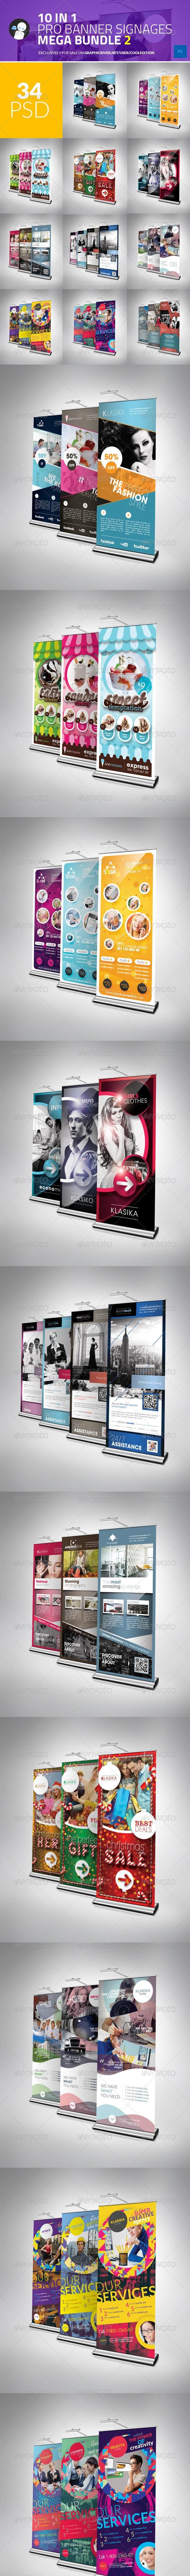 10 in 1 Pro Banner Signages Mega Bundle 2 - Signage Print Templates